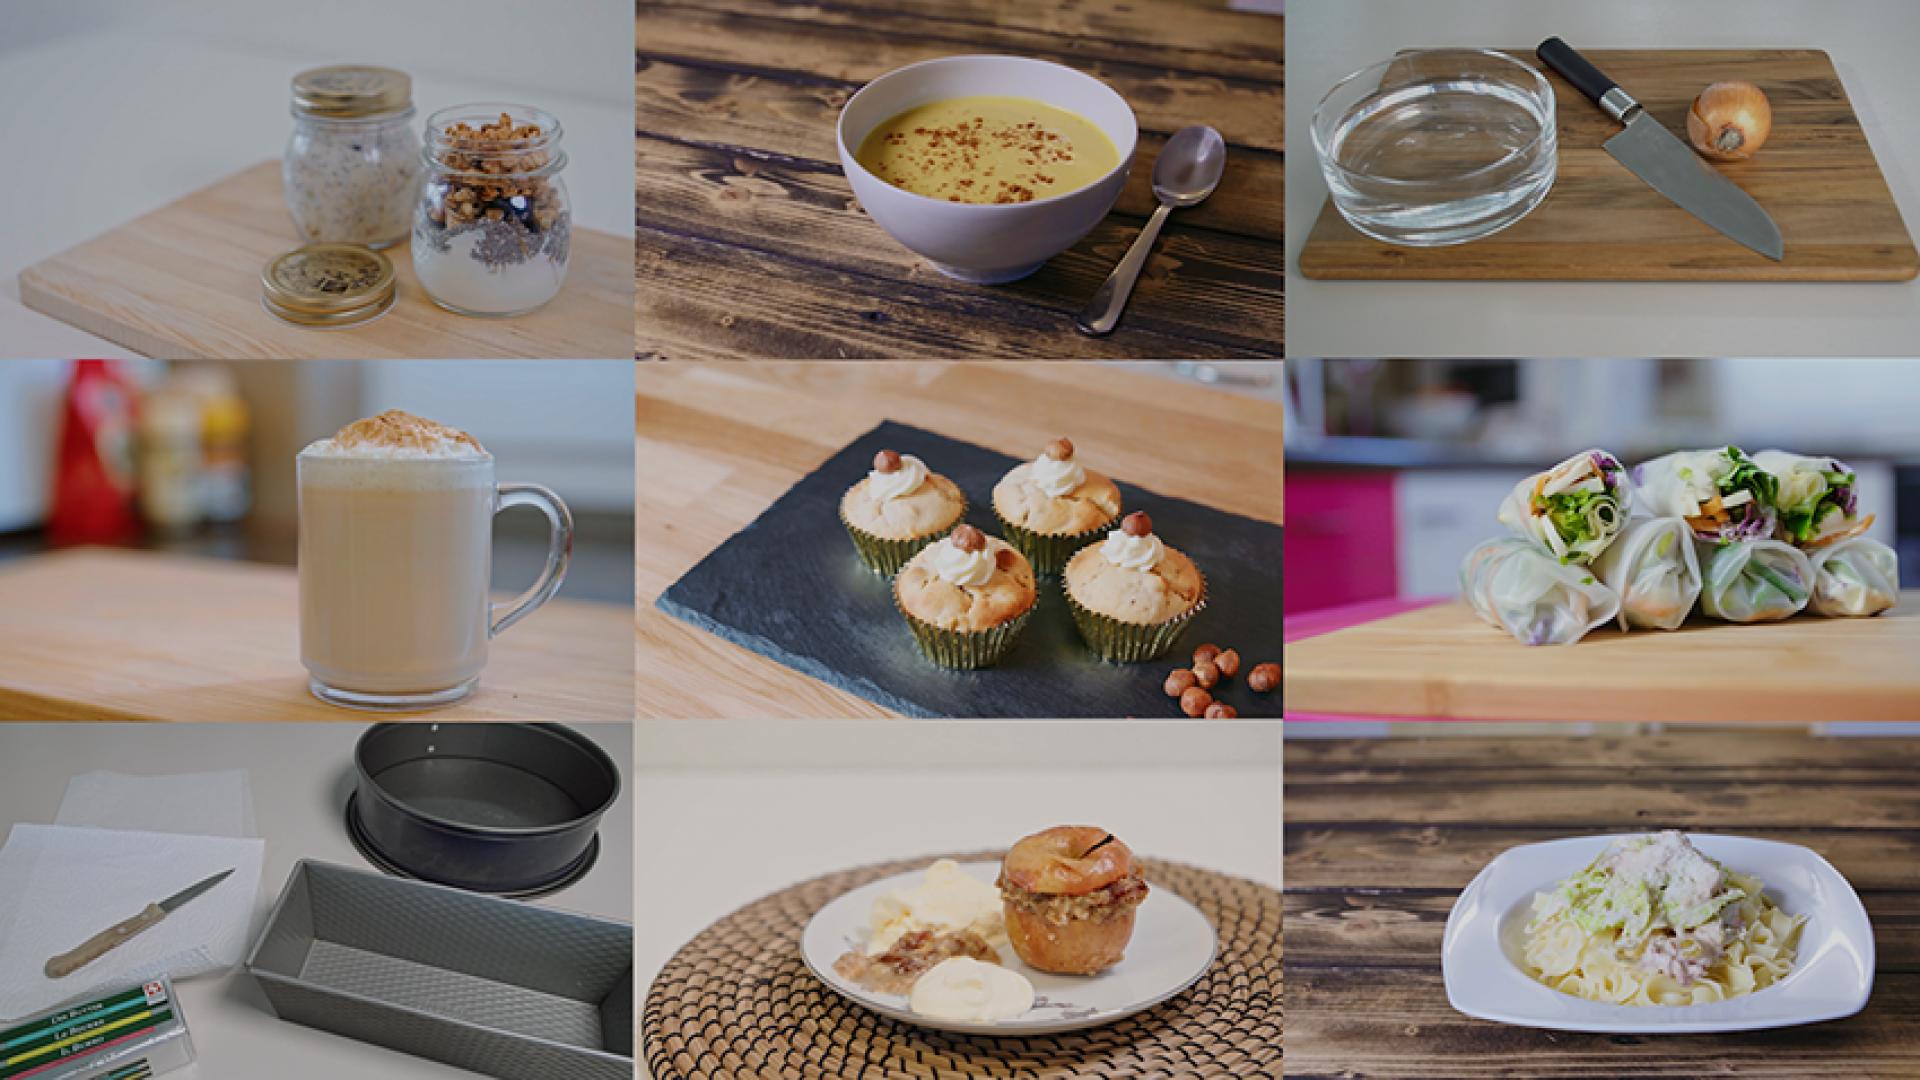 SWISSMILK – Chochdoch der Foodblog